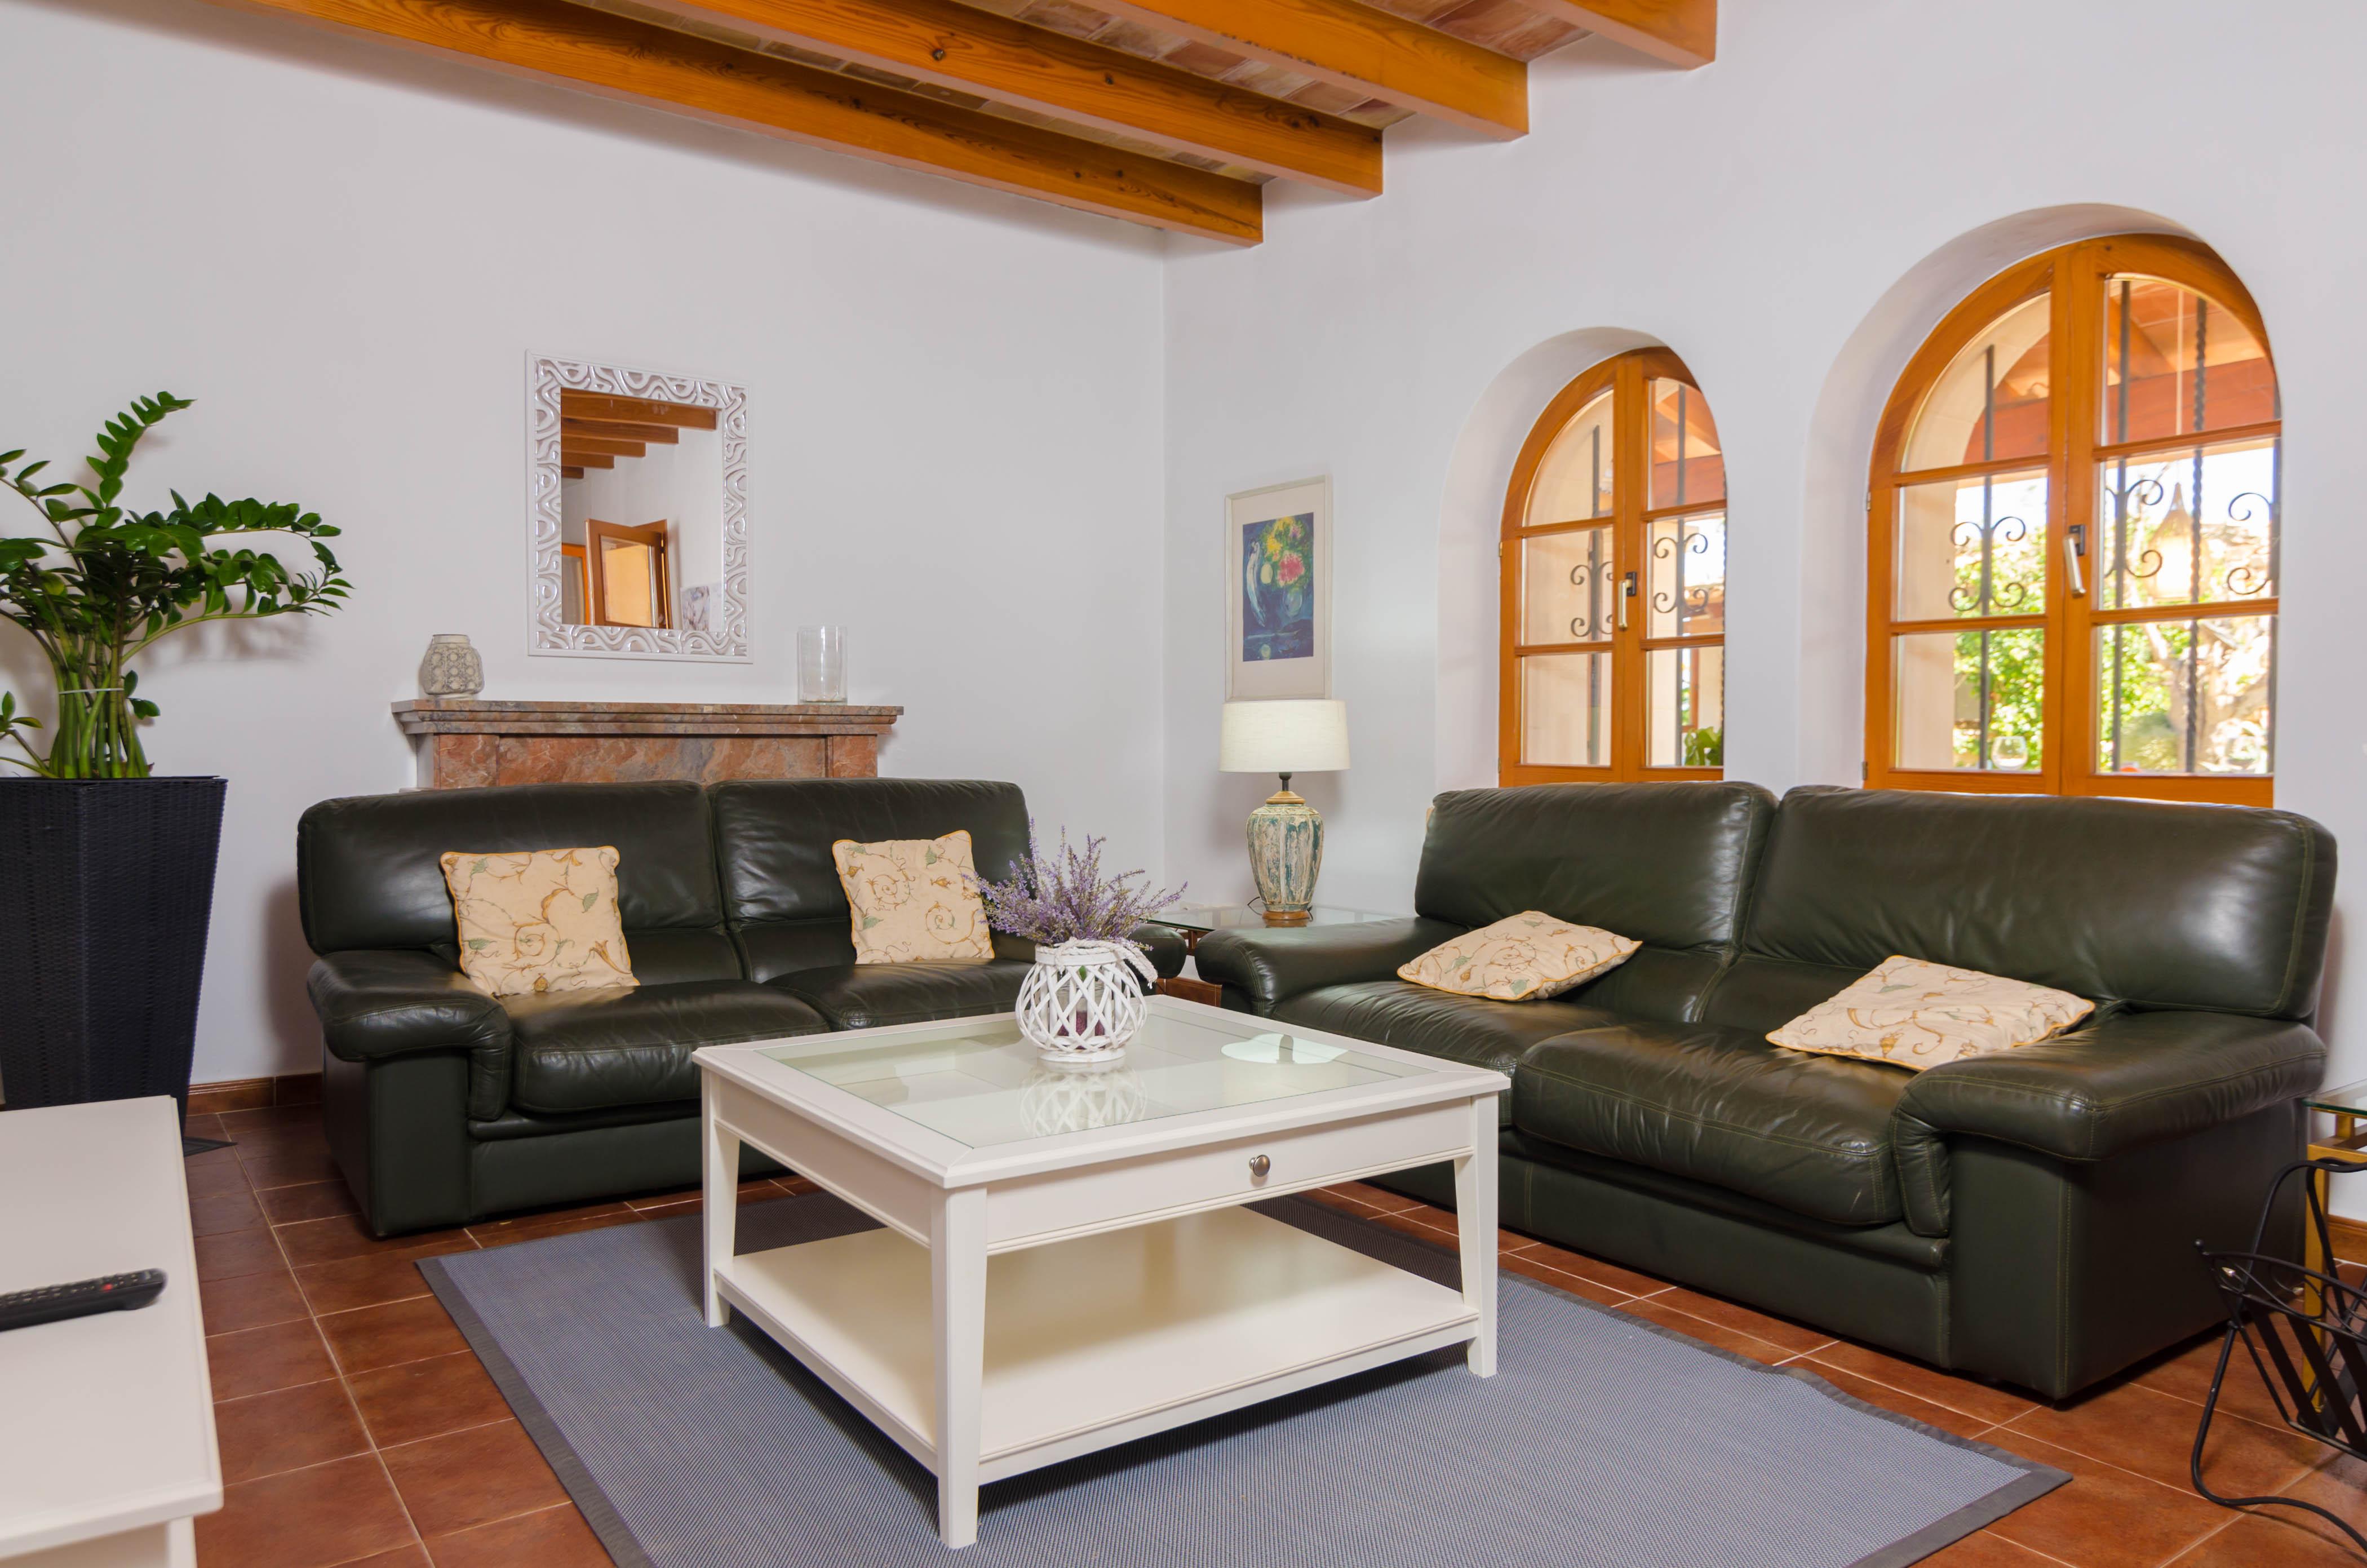 Ferienhaus s 39 horta 7 personen spanien balearen 592791 for Wohnzimmer 9267